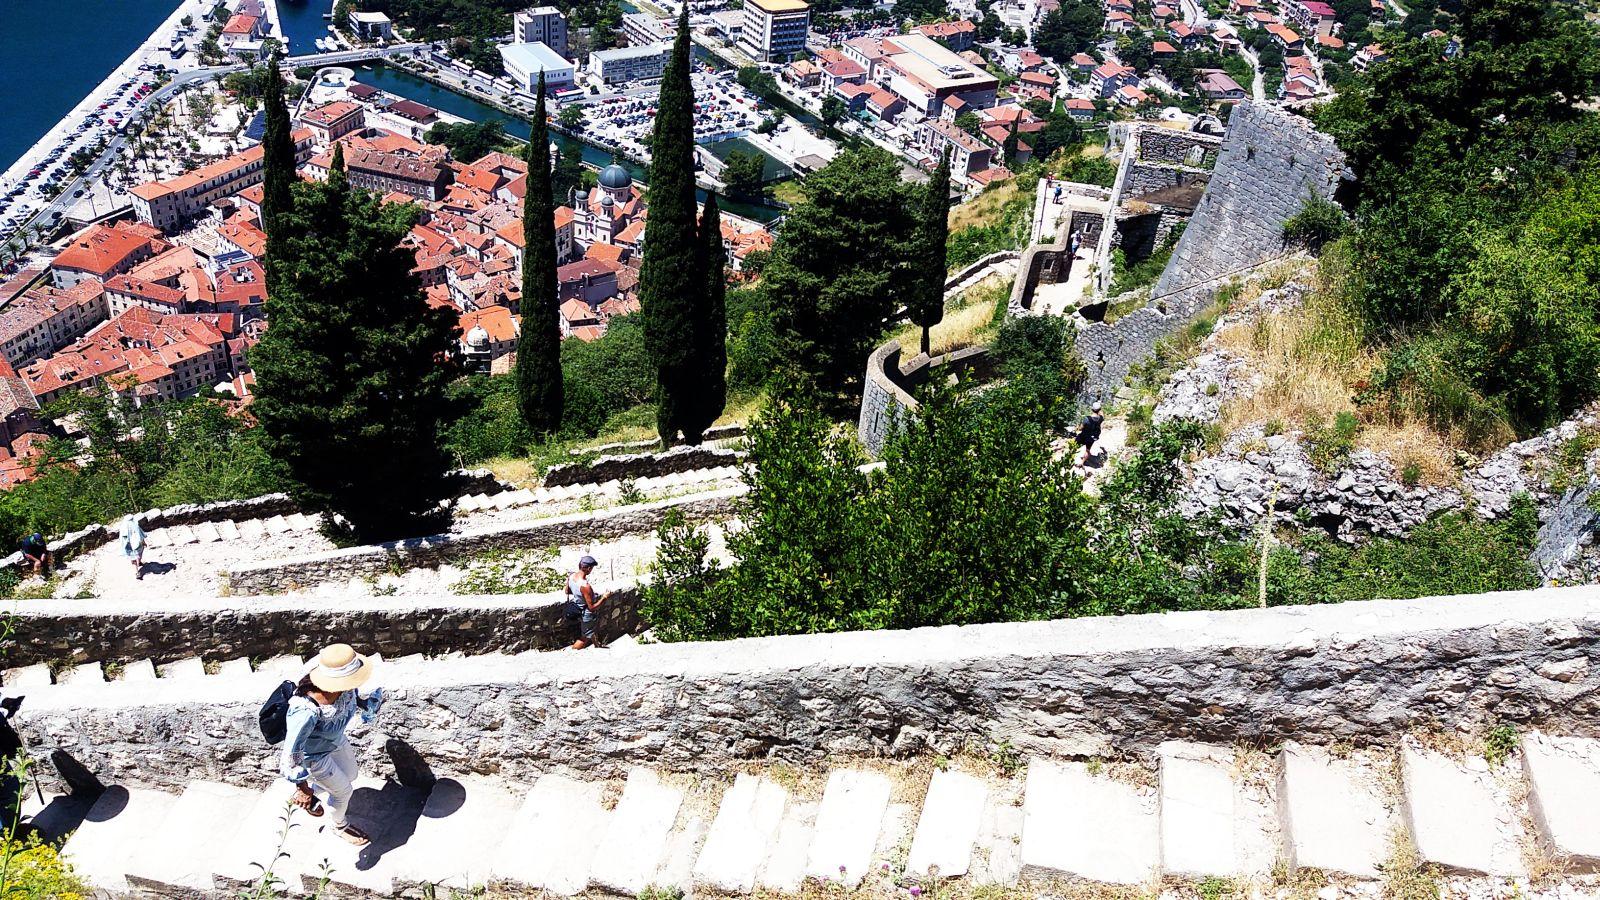 Schody wzdłuż murów miasta w Kotorze.